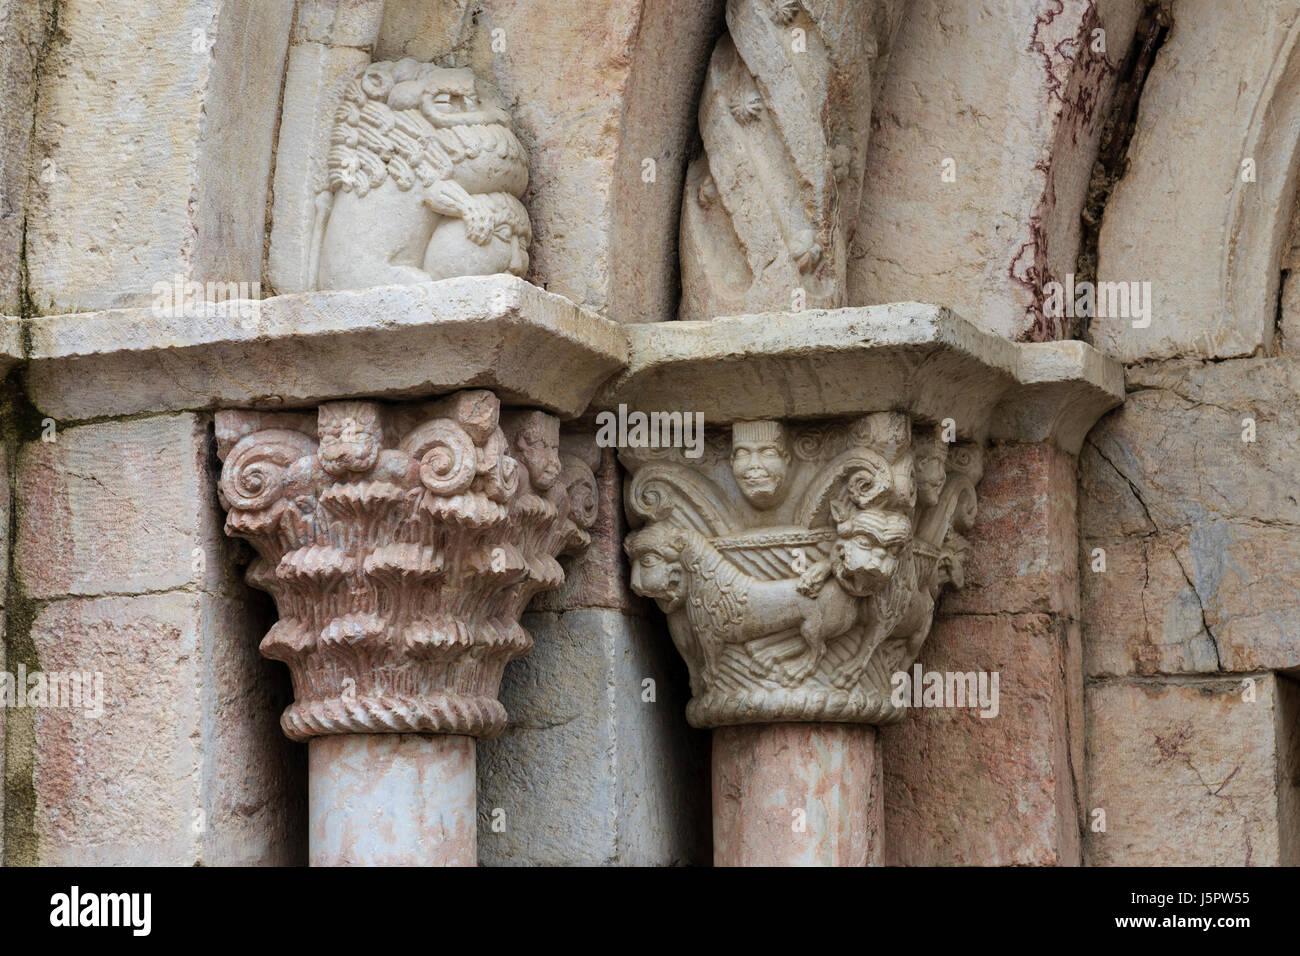 France, Pyrenees Orientales, Villefranche de Conflent, labelled Les Plus Beaux Villages de France, the church, detail - Stock Image